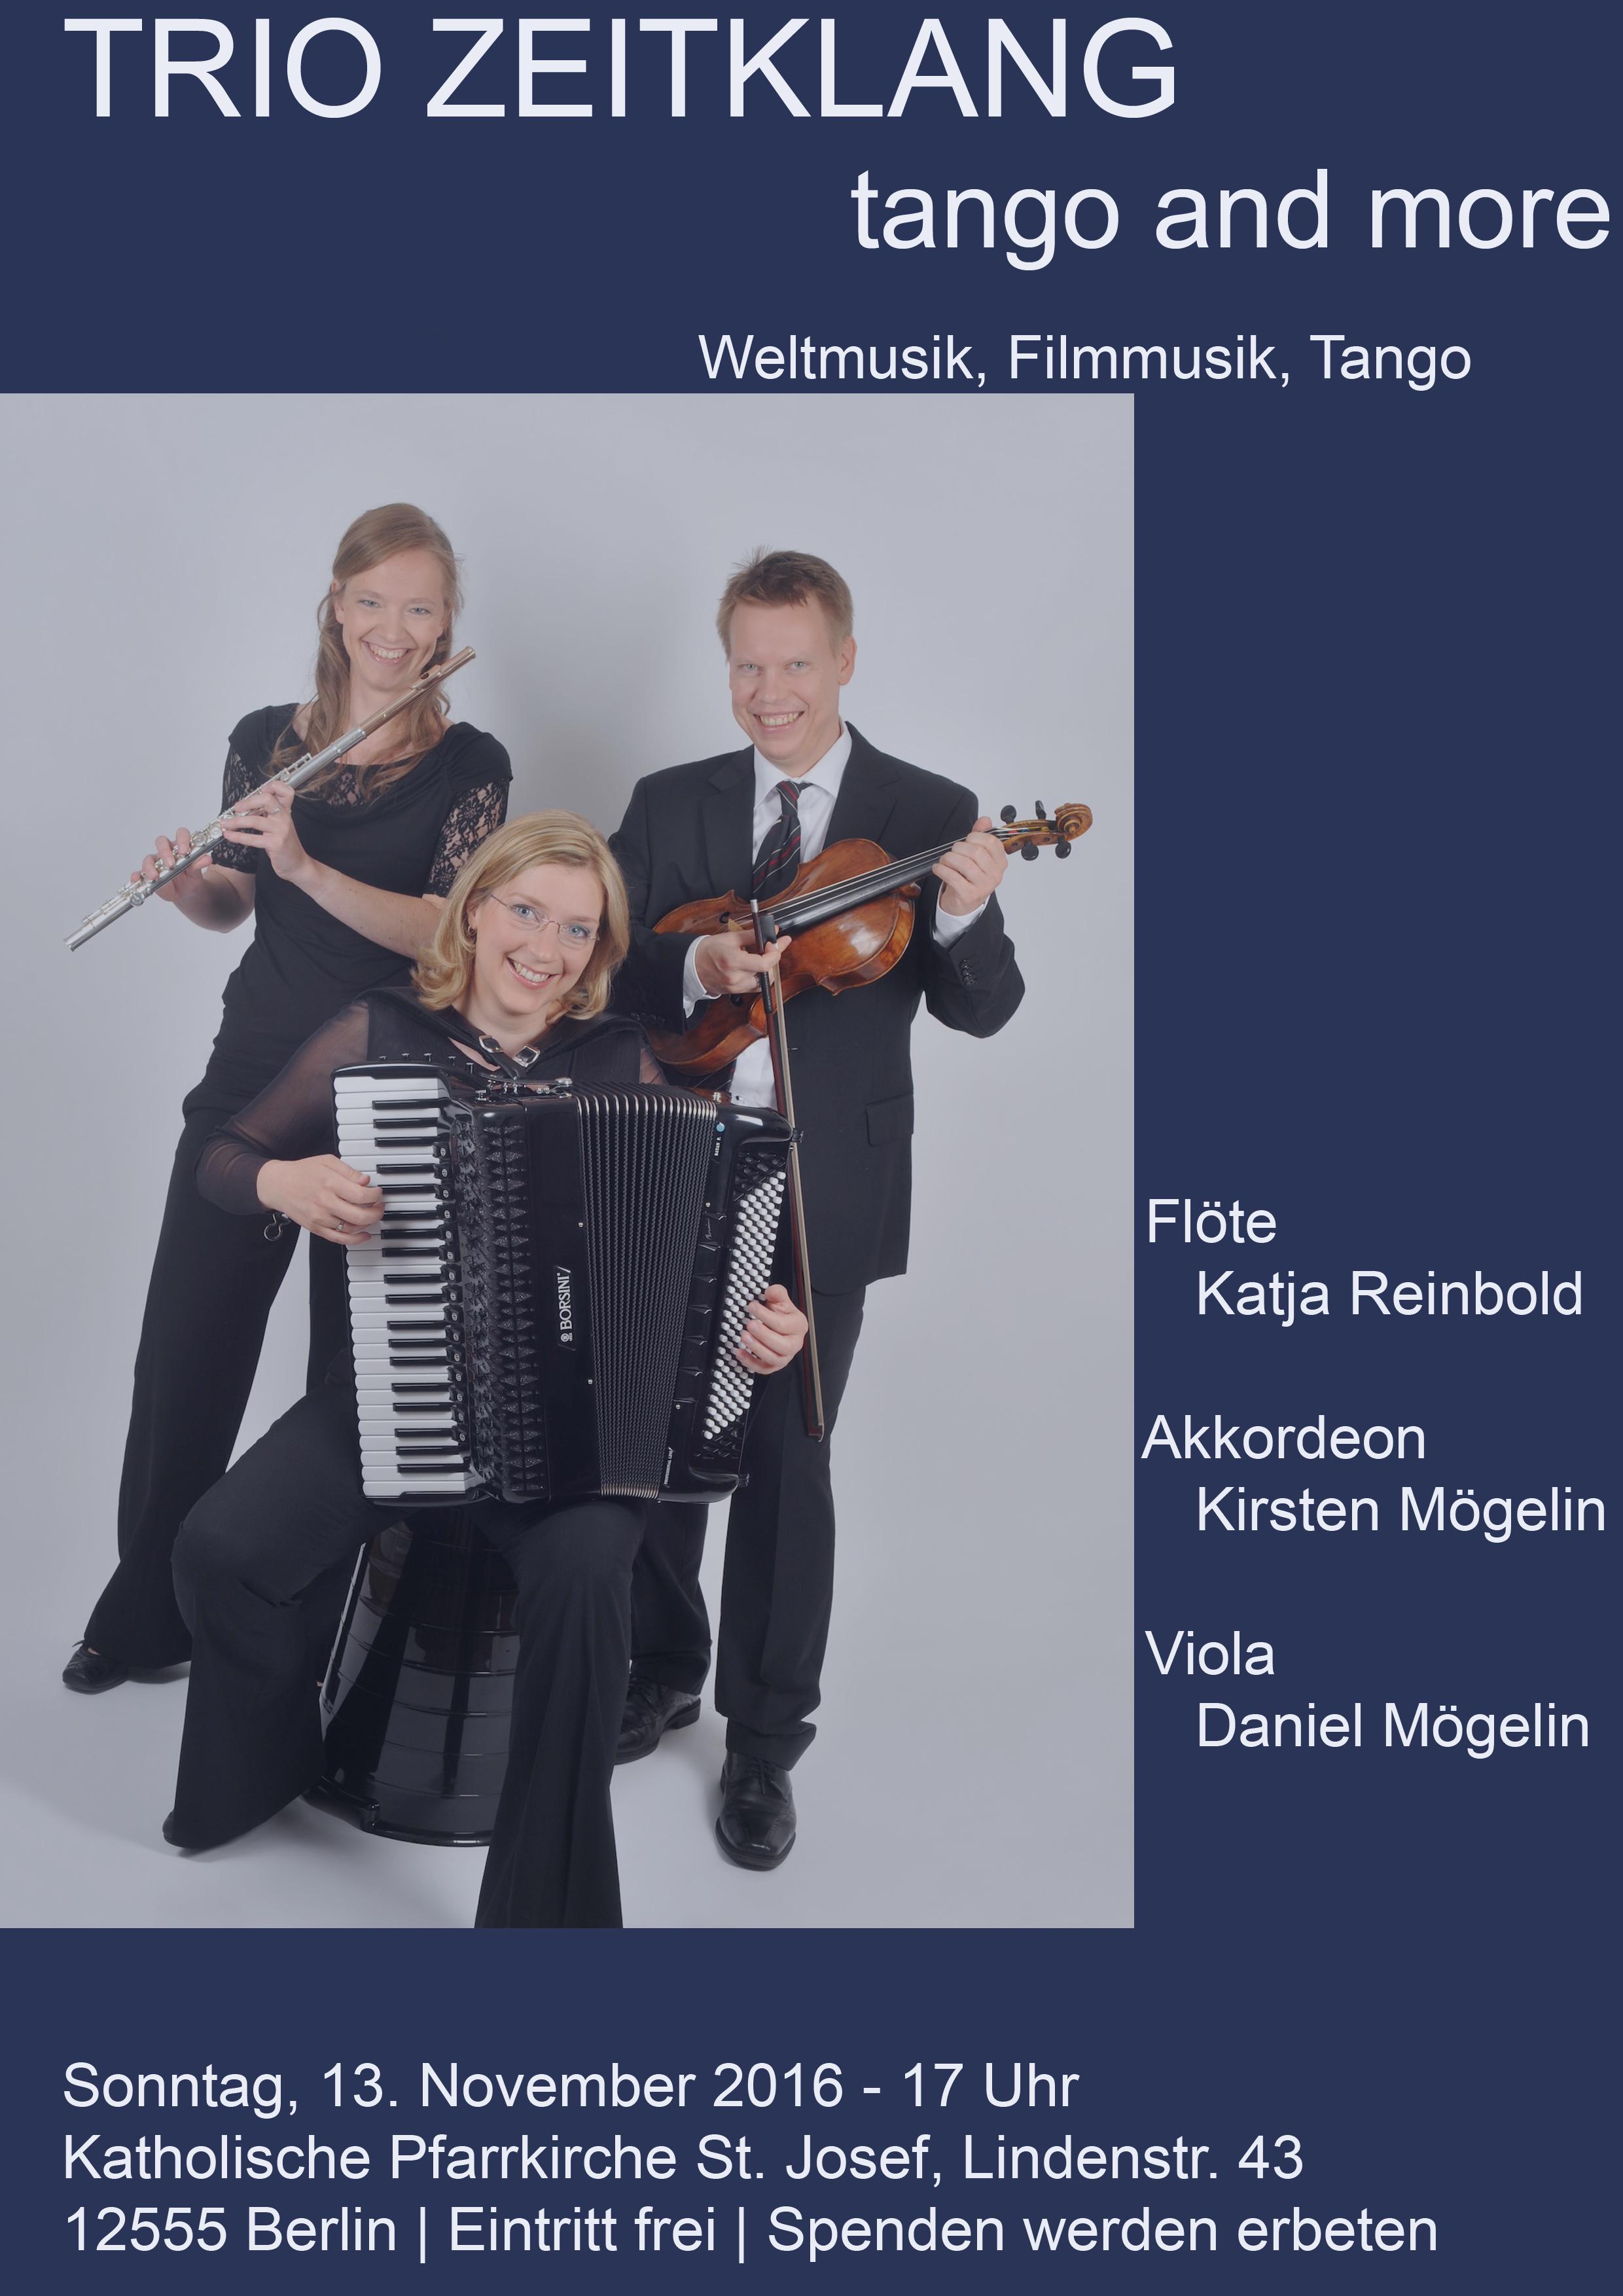 """Konzert 13.11.16 um 17 Uhr – TRIO ZEITKLANG BERLIN """"Tango and more"""""""